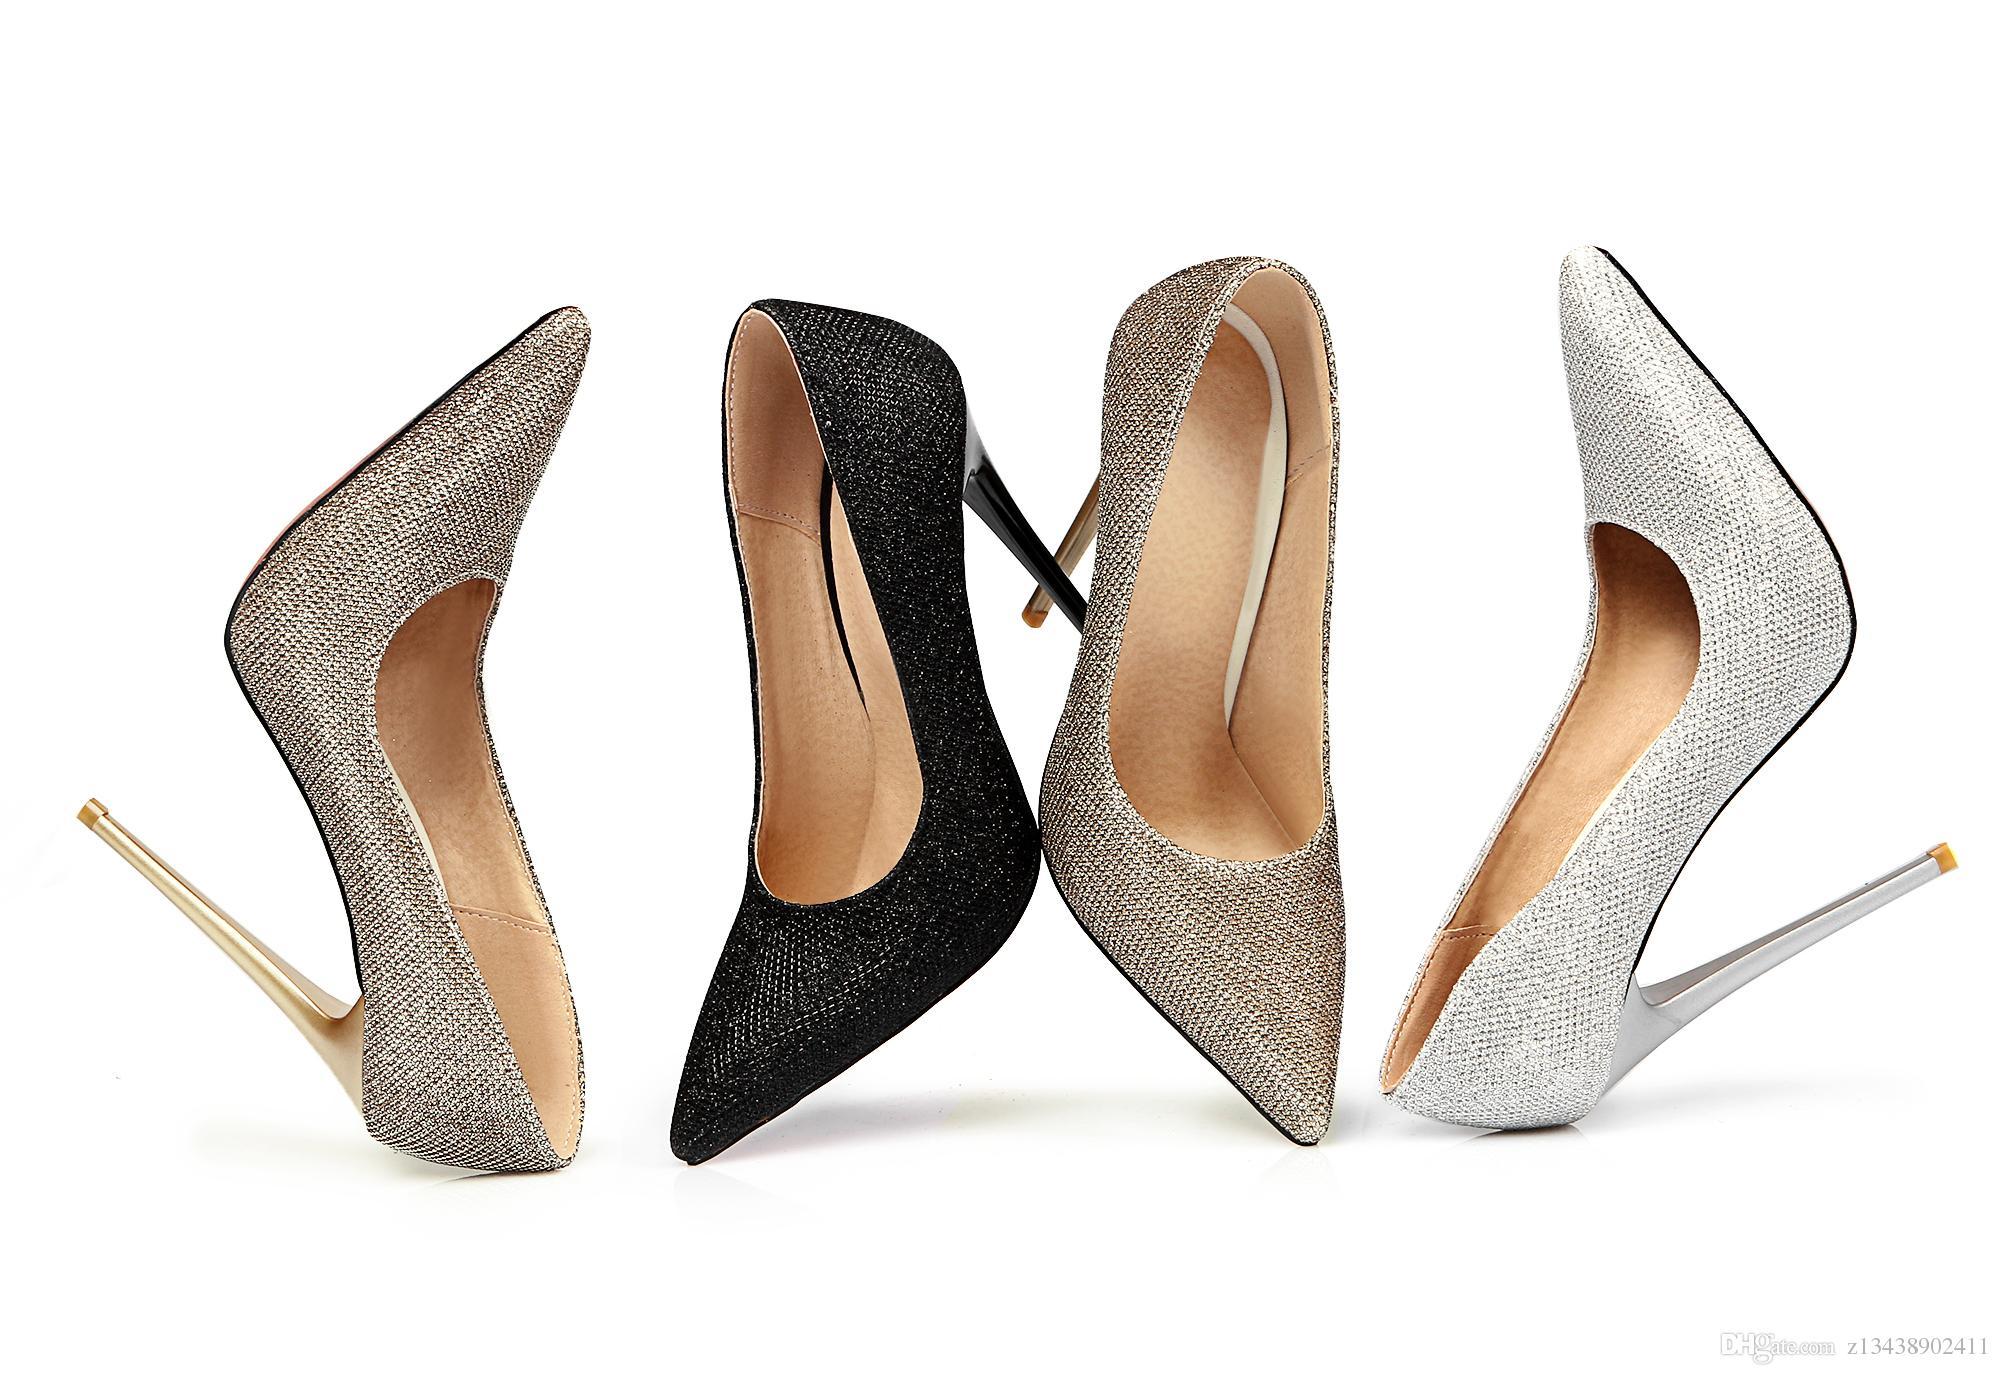 World of fashion shoes Fashion Beyond Borders